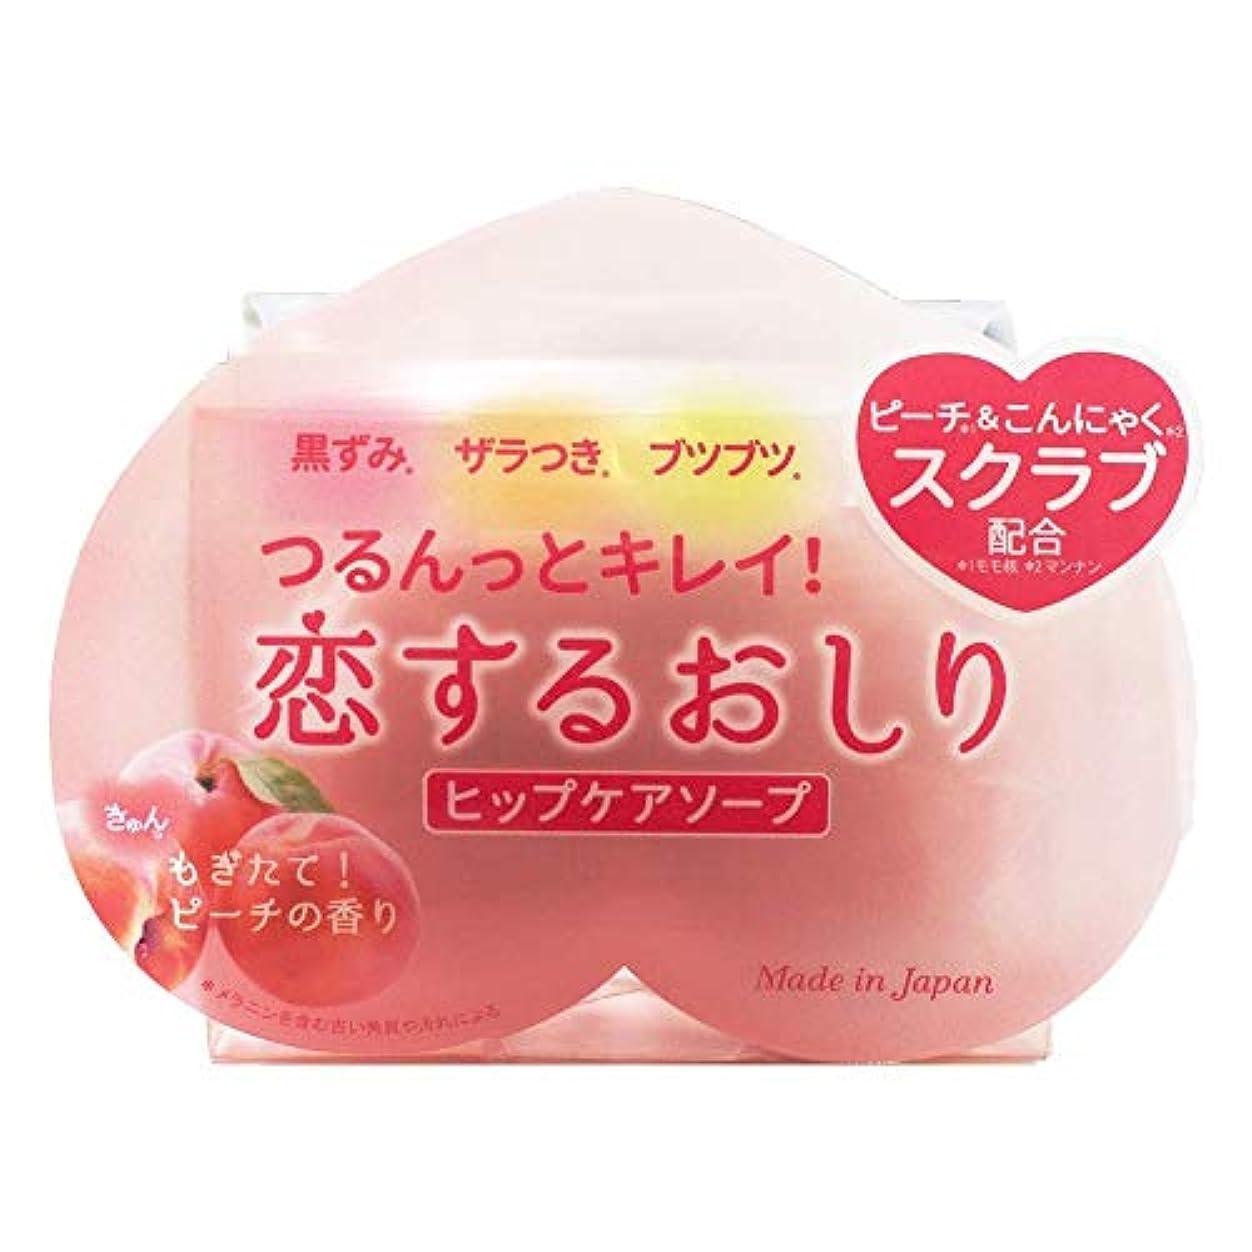 特権集まるトレイル【まとめ買い】ペリカン石鹸 恋するおしり ヒップケアソープ 80g×2個